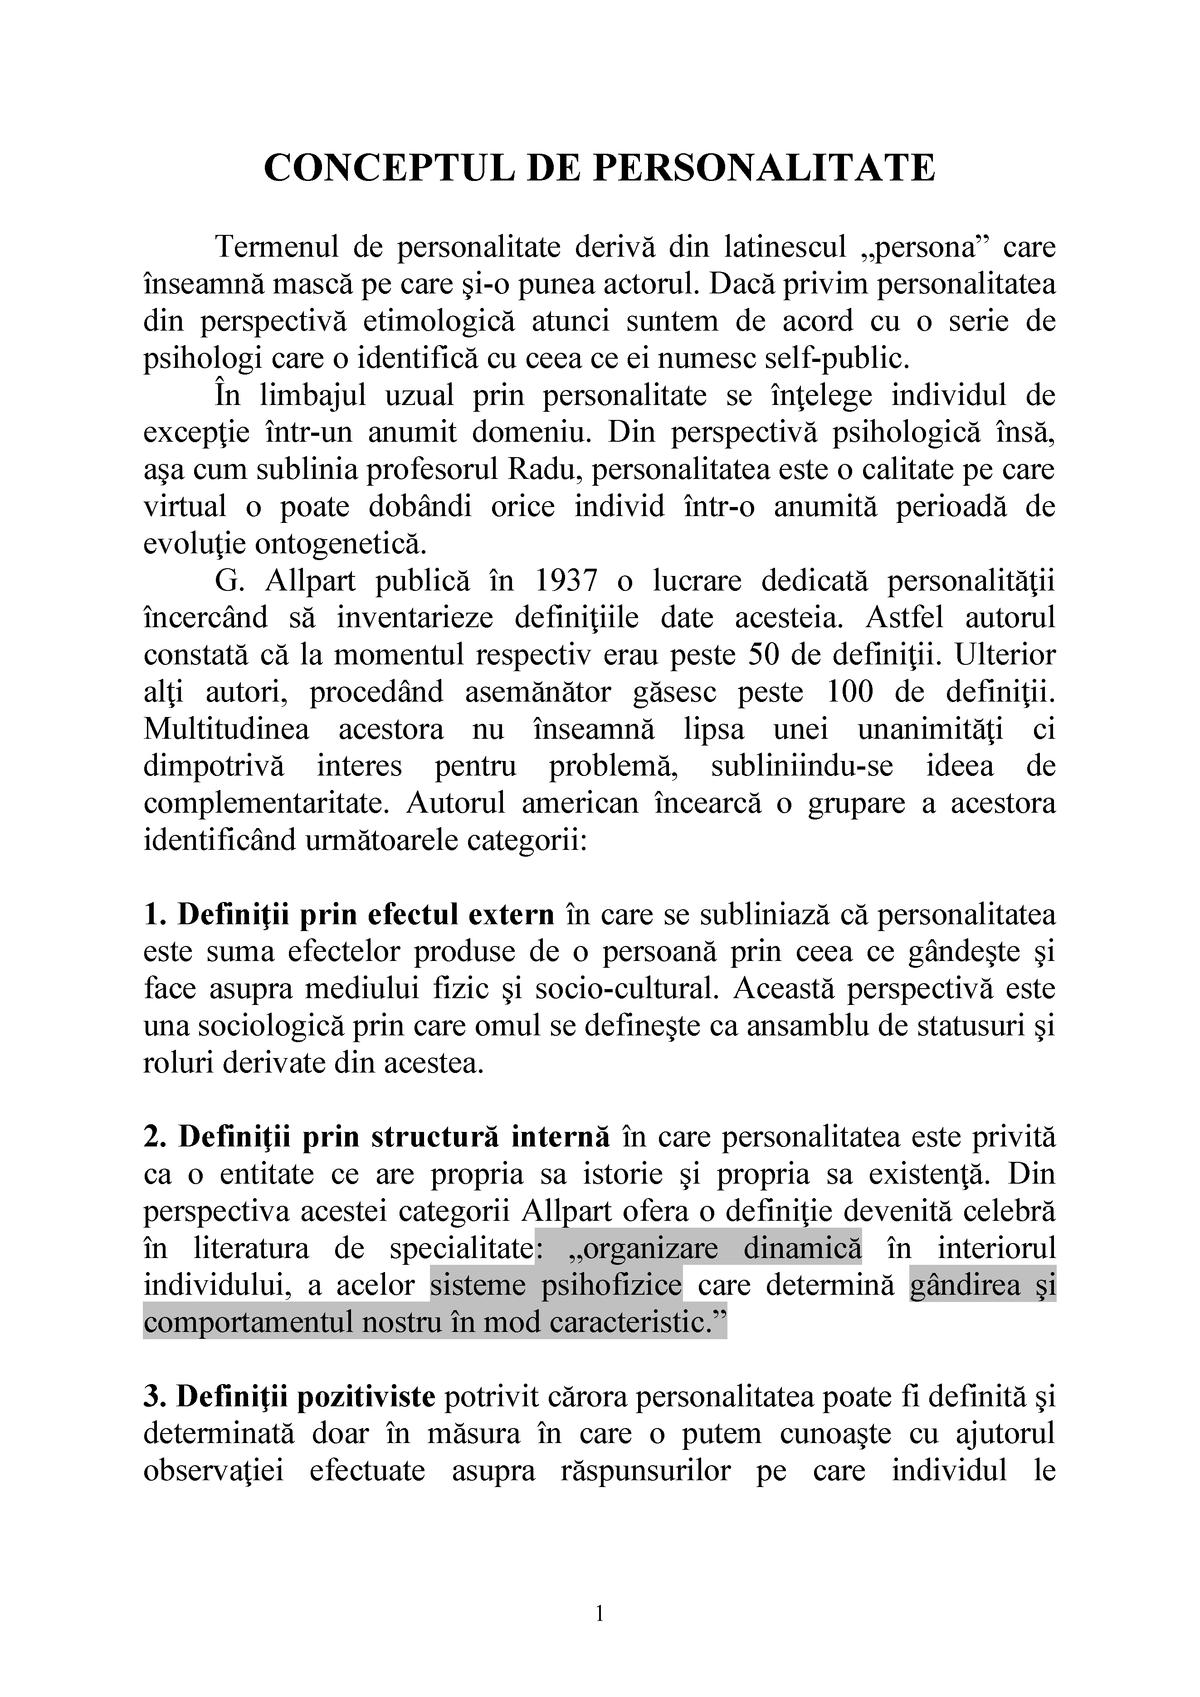 Conceptul de personalitate referat psihologie